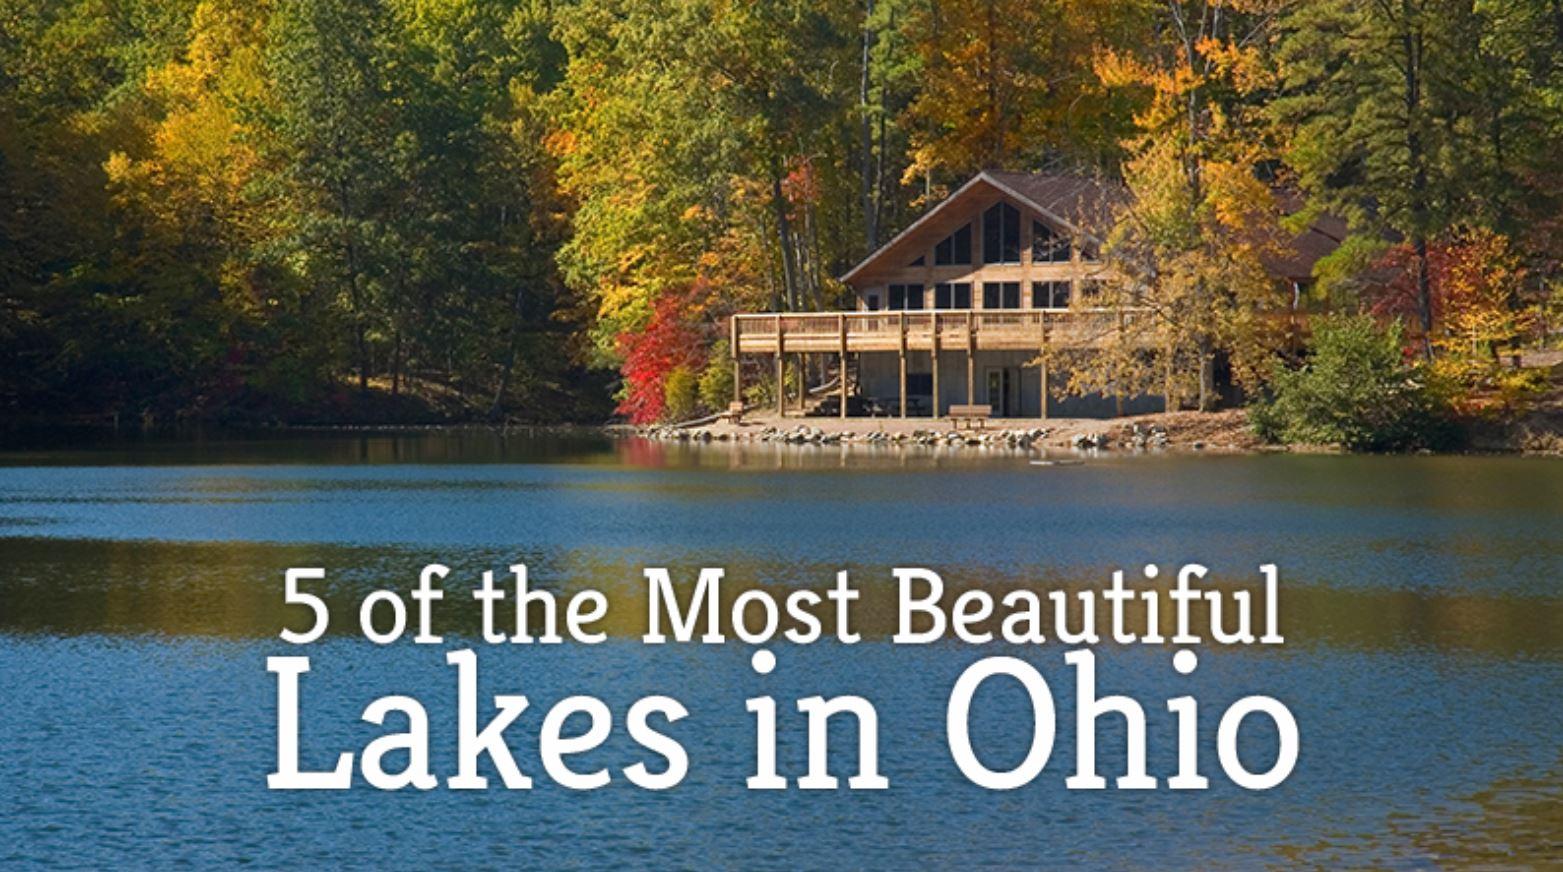 Ohio Lakes